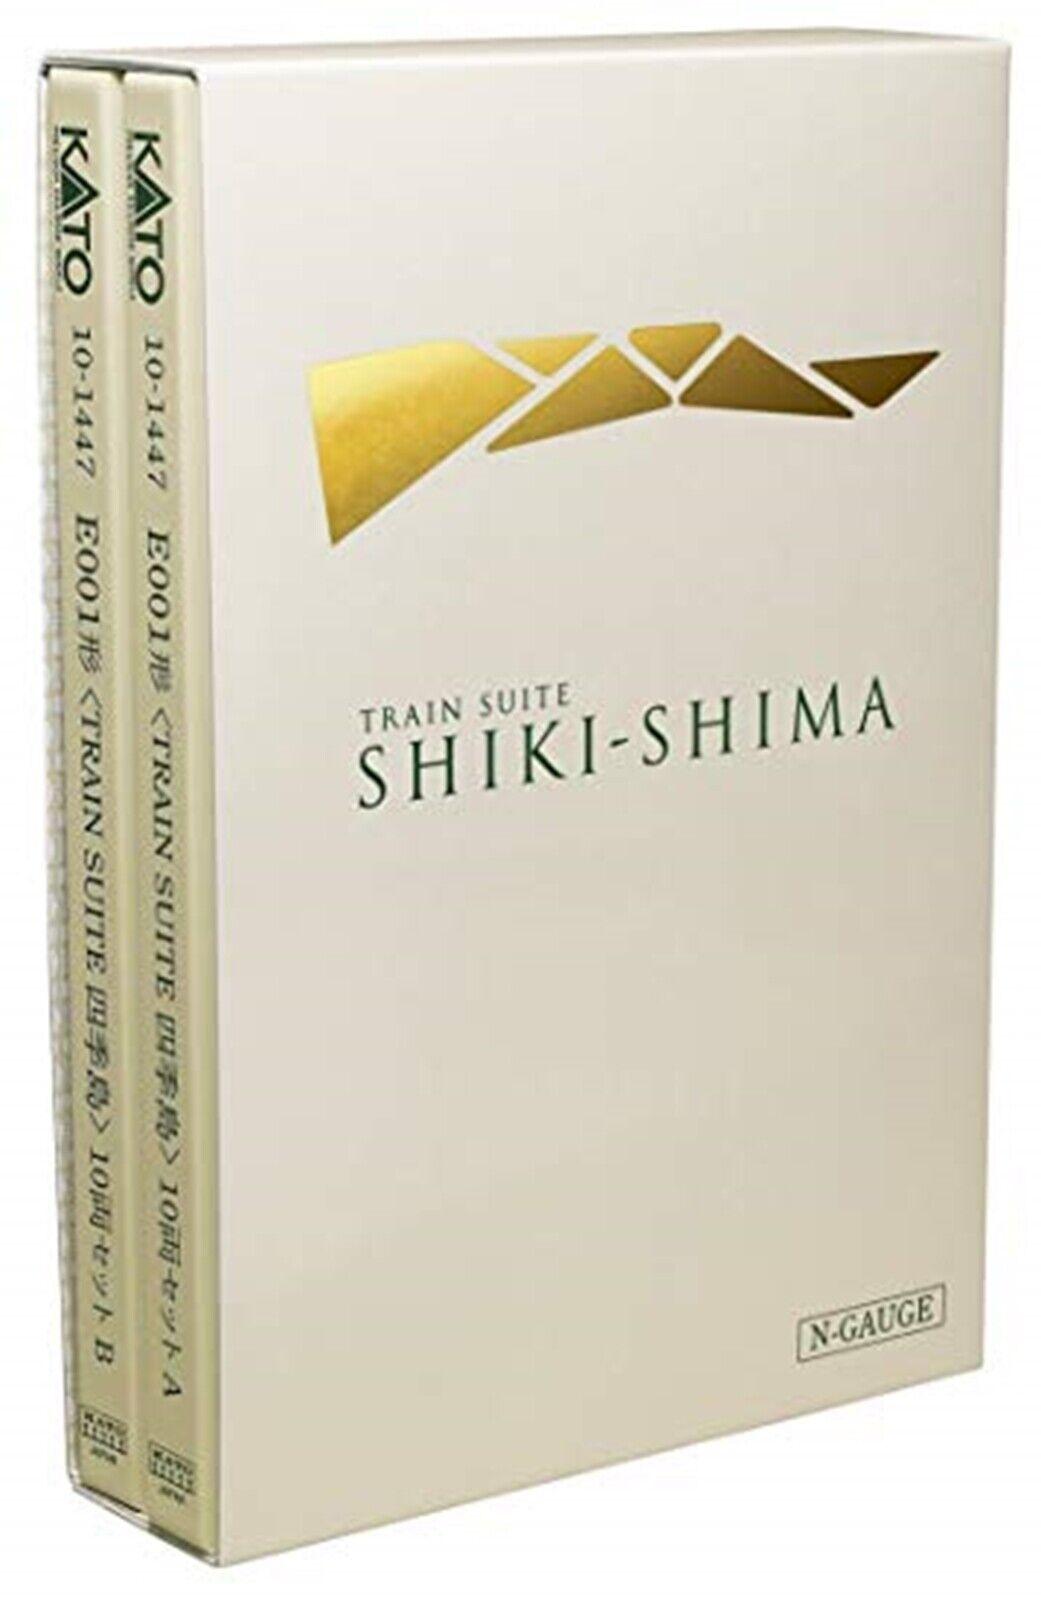 Kato 10-1447 tipo E001 Conjunto de tren Suite Shikishima 10 coches escala N Japón Nuevo